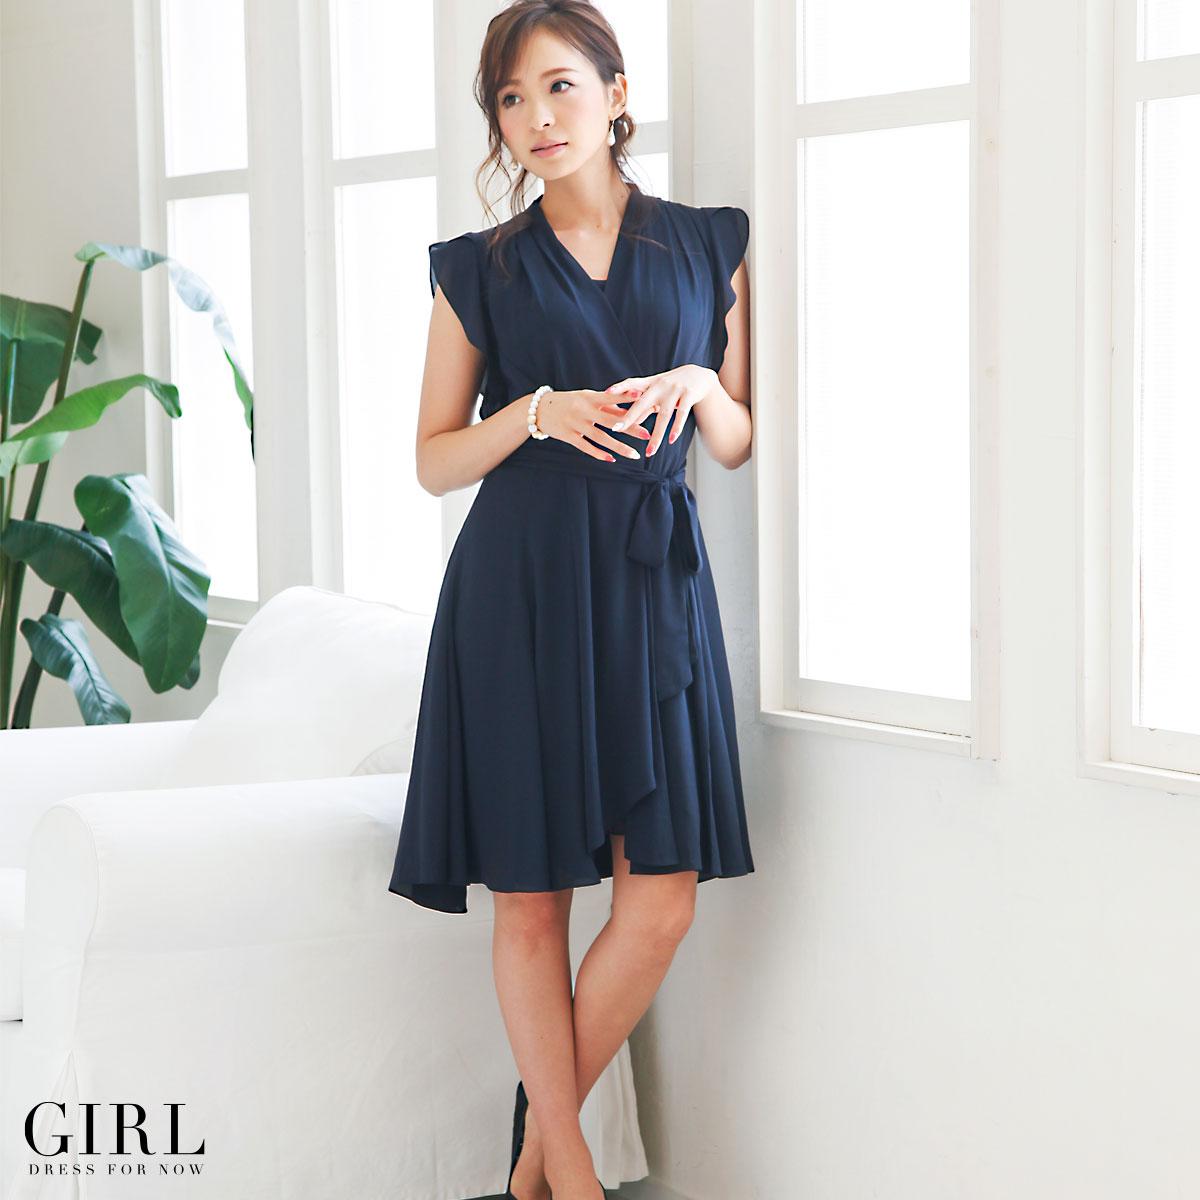 Dress Shop Girl Rakuten Global Market Party Dress One Piece